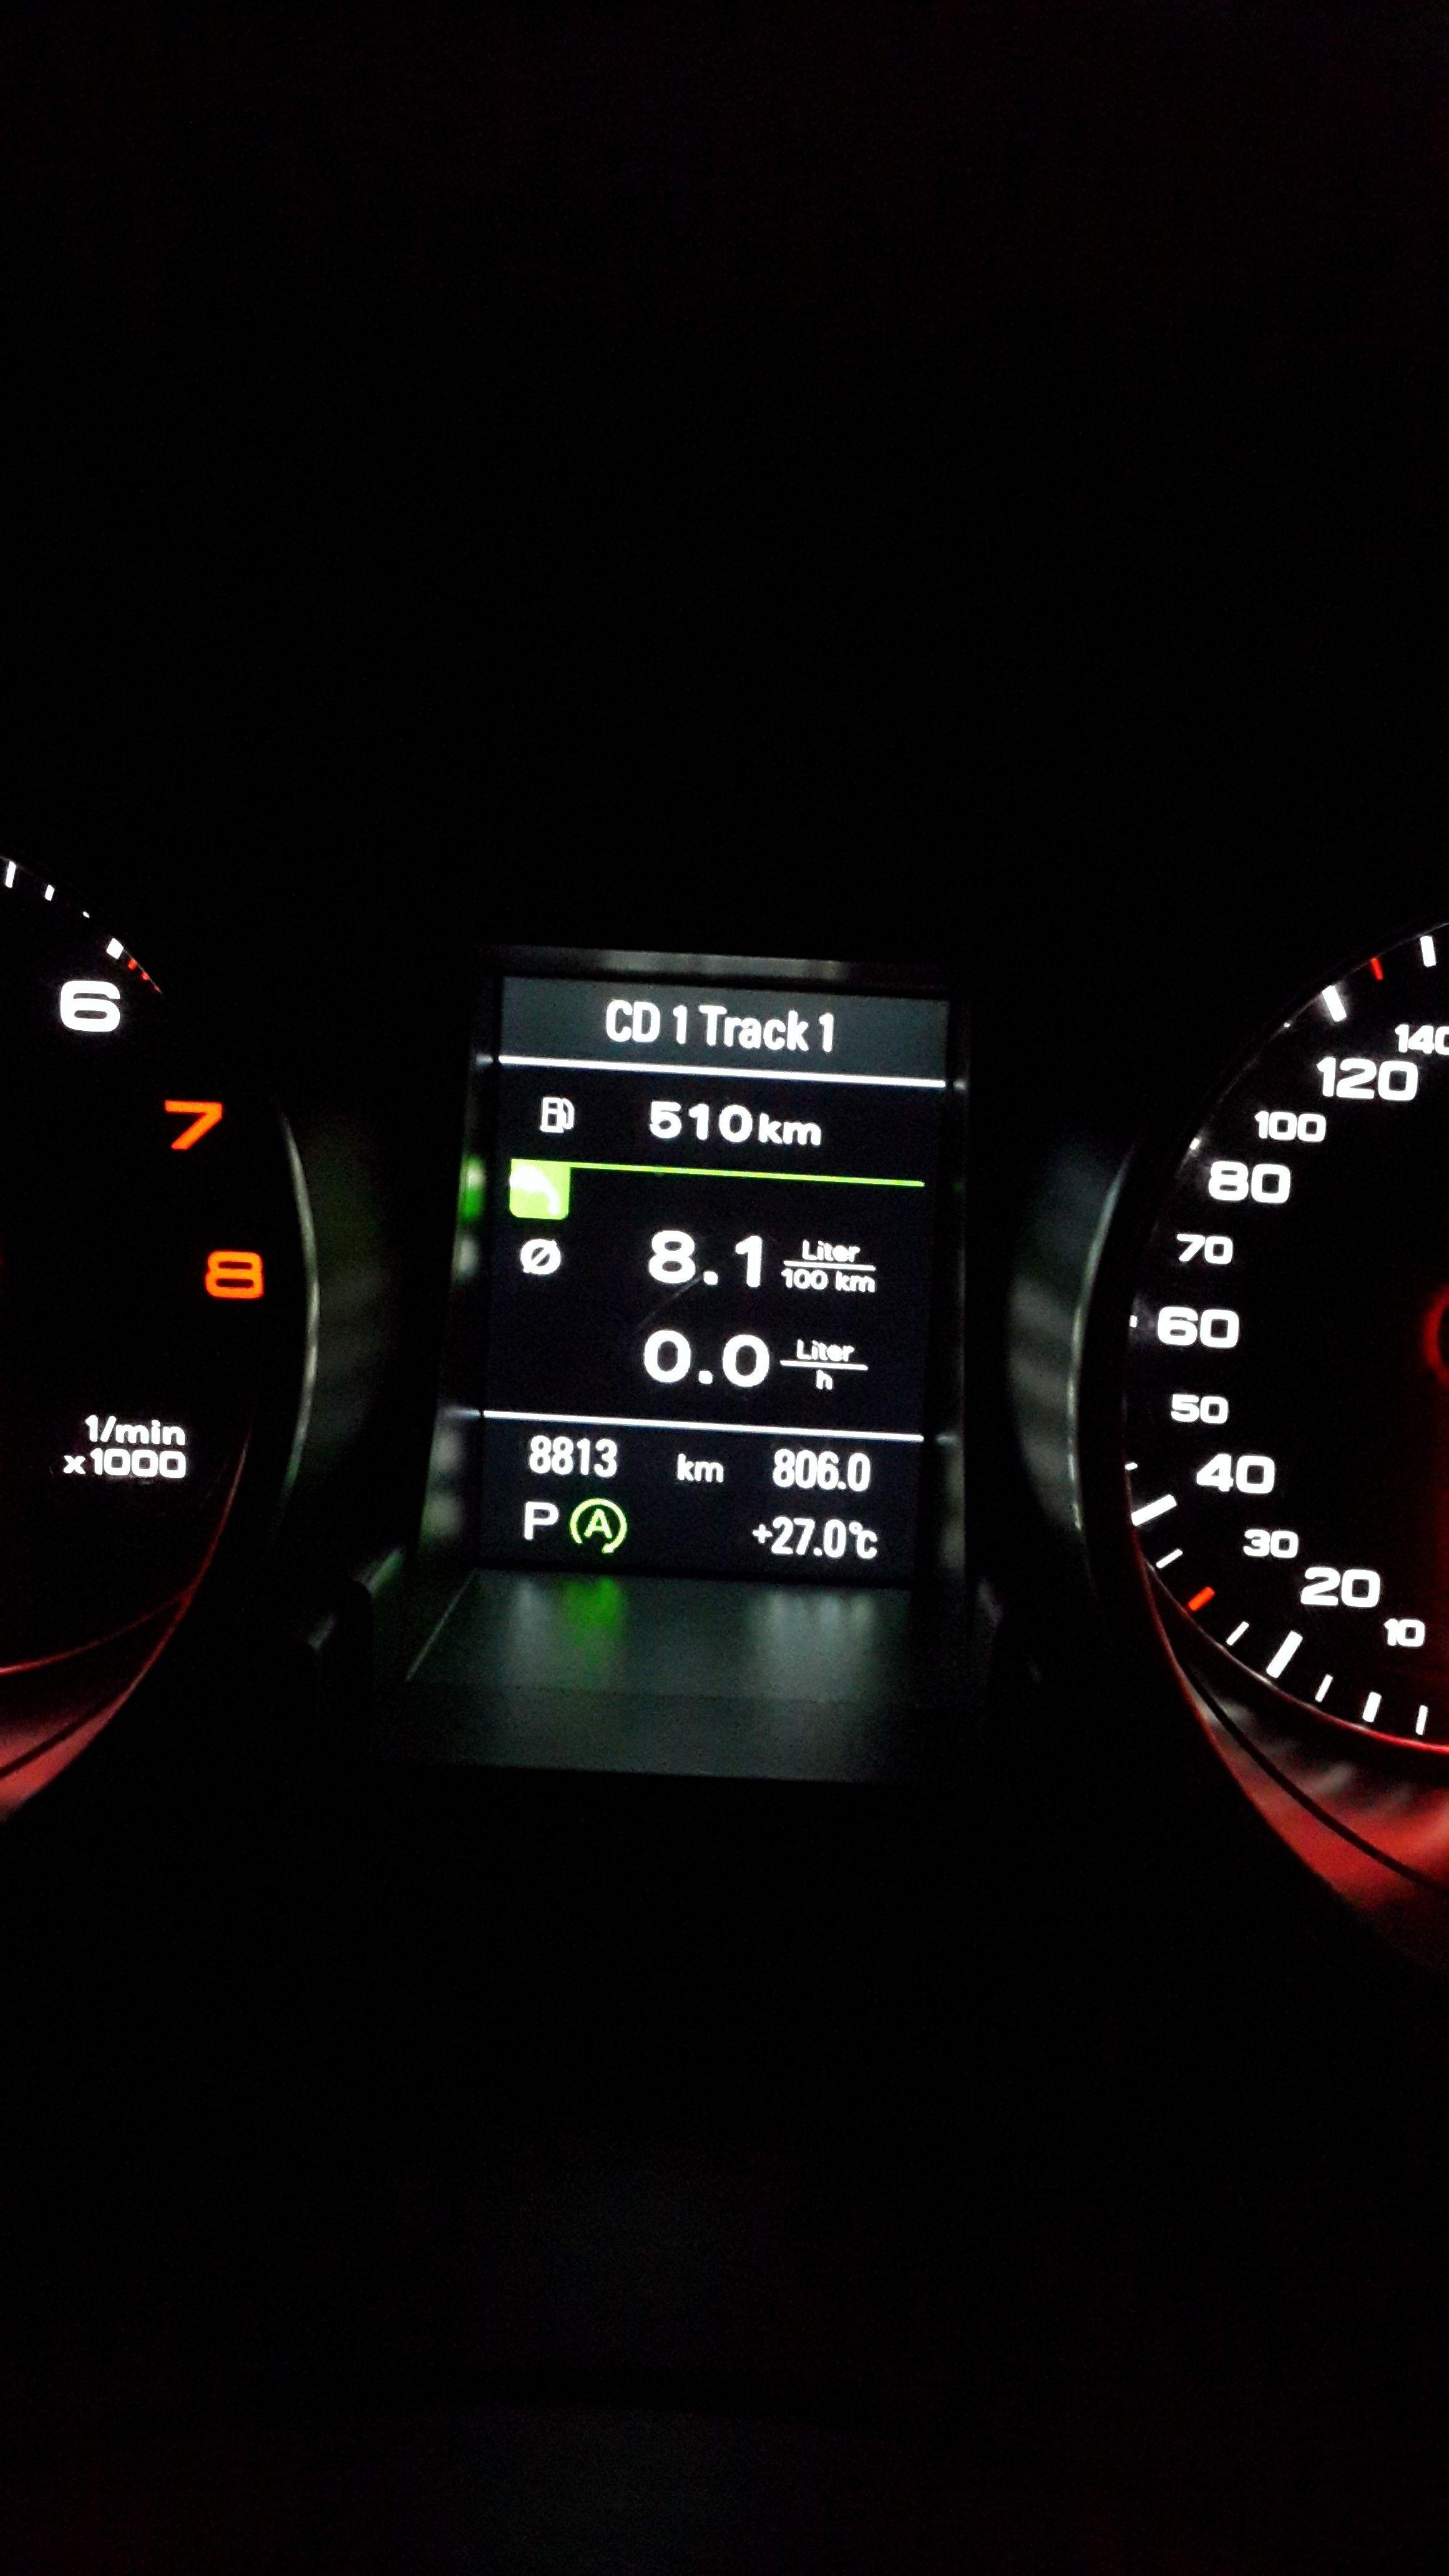 汽车仪表盘 上面的 图标 问题高清图片